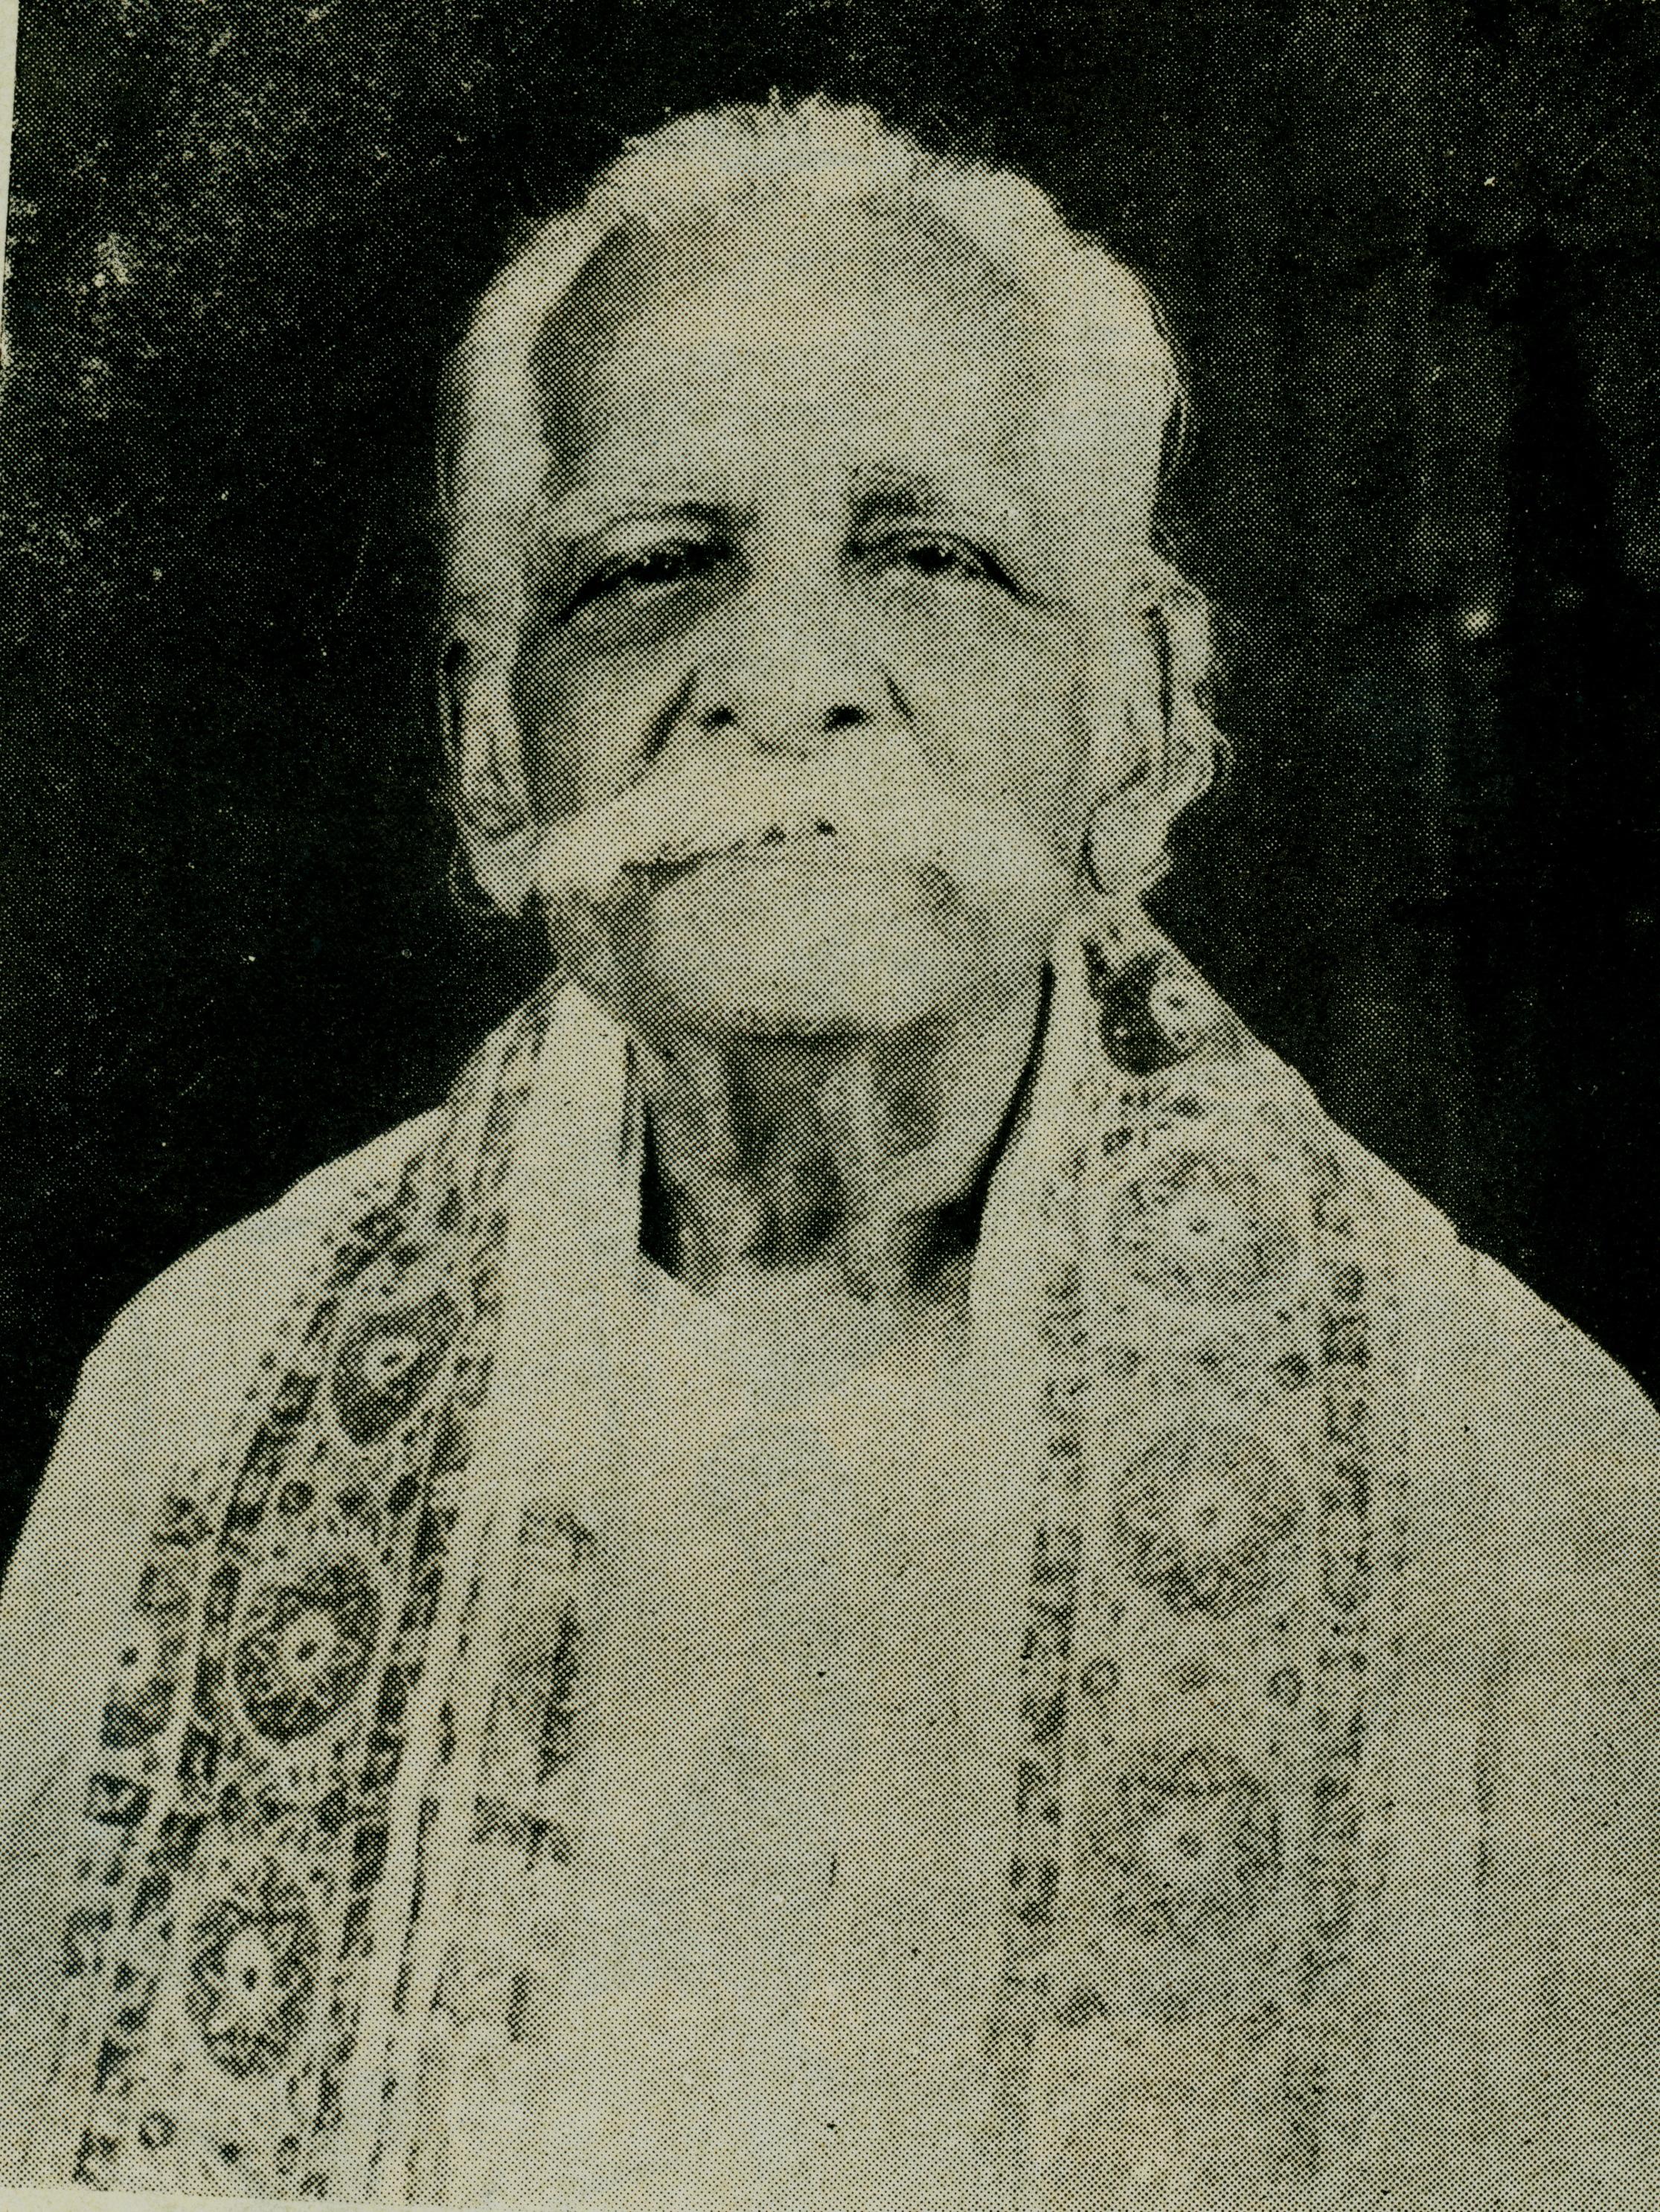 Iyyanki Venkata Ramanayya, via wikimedia